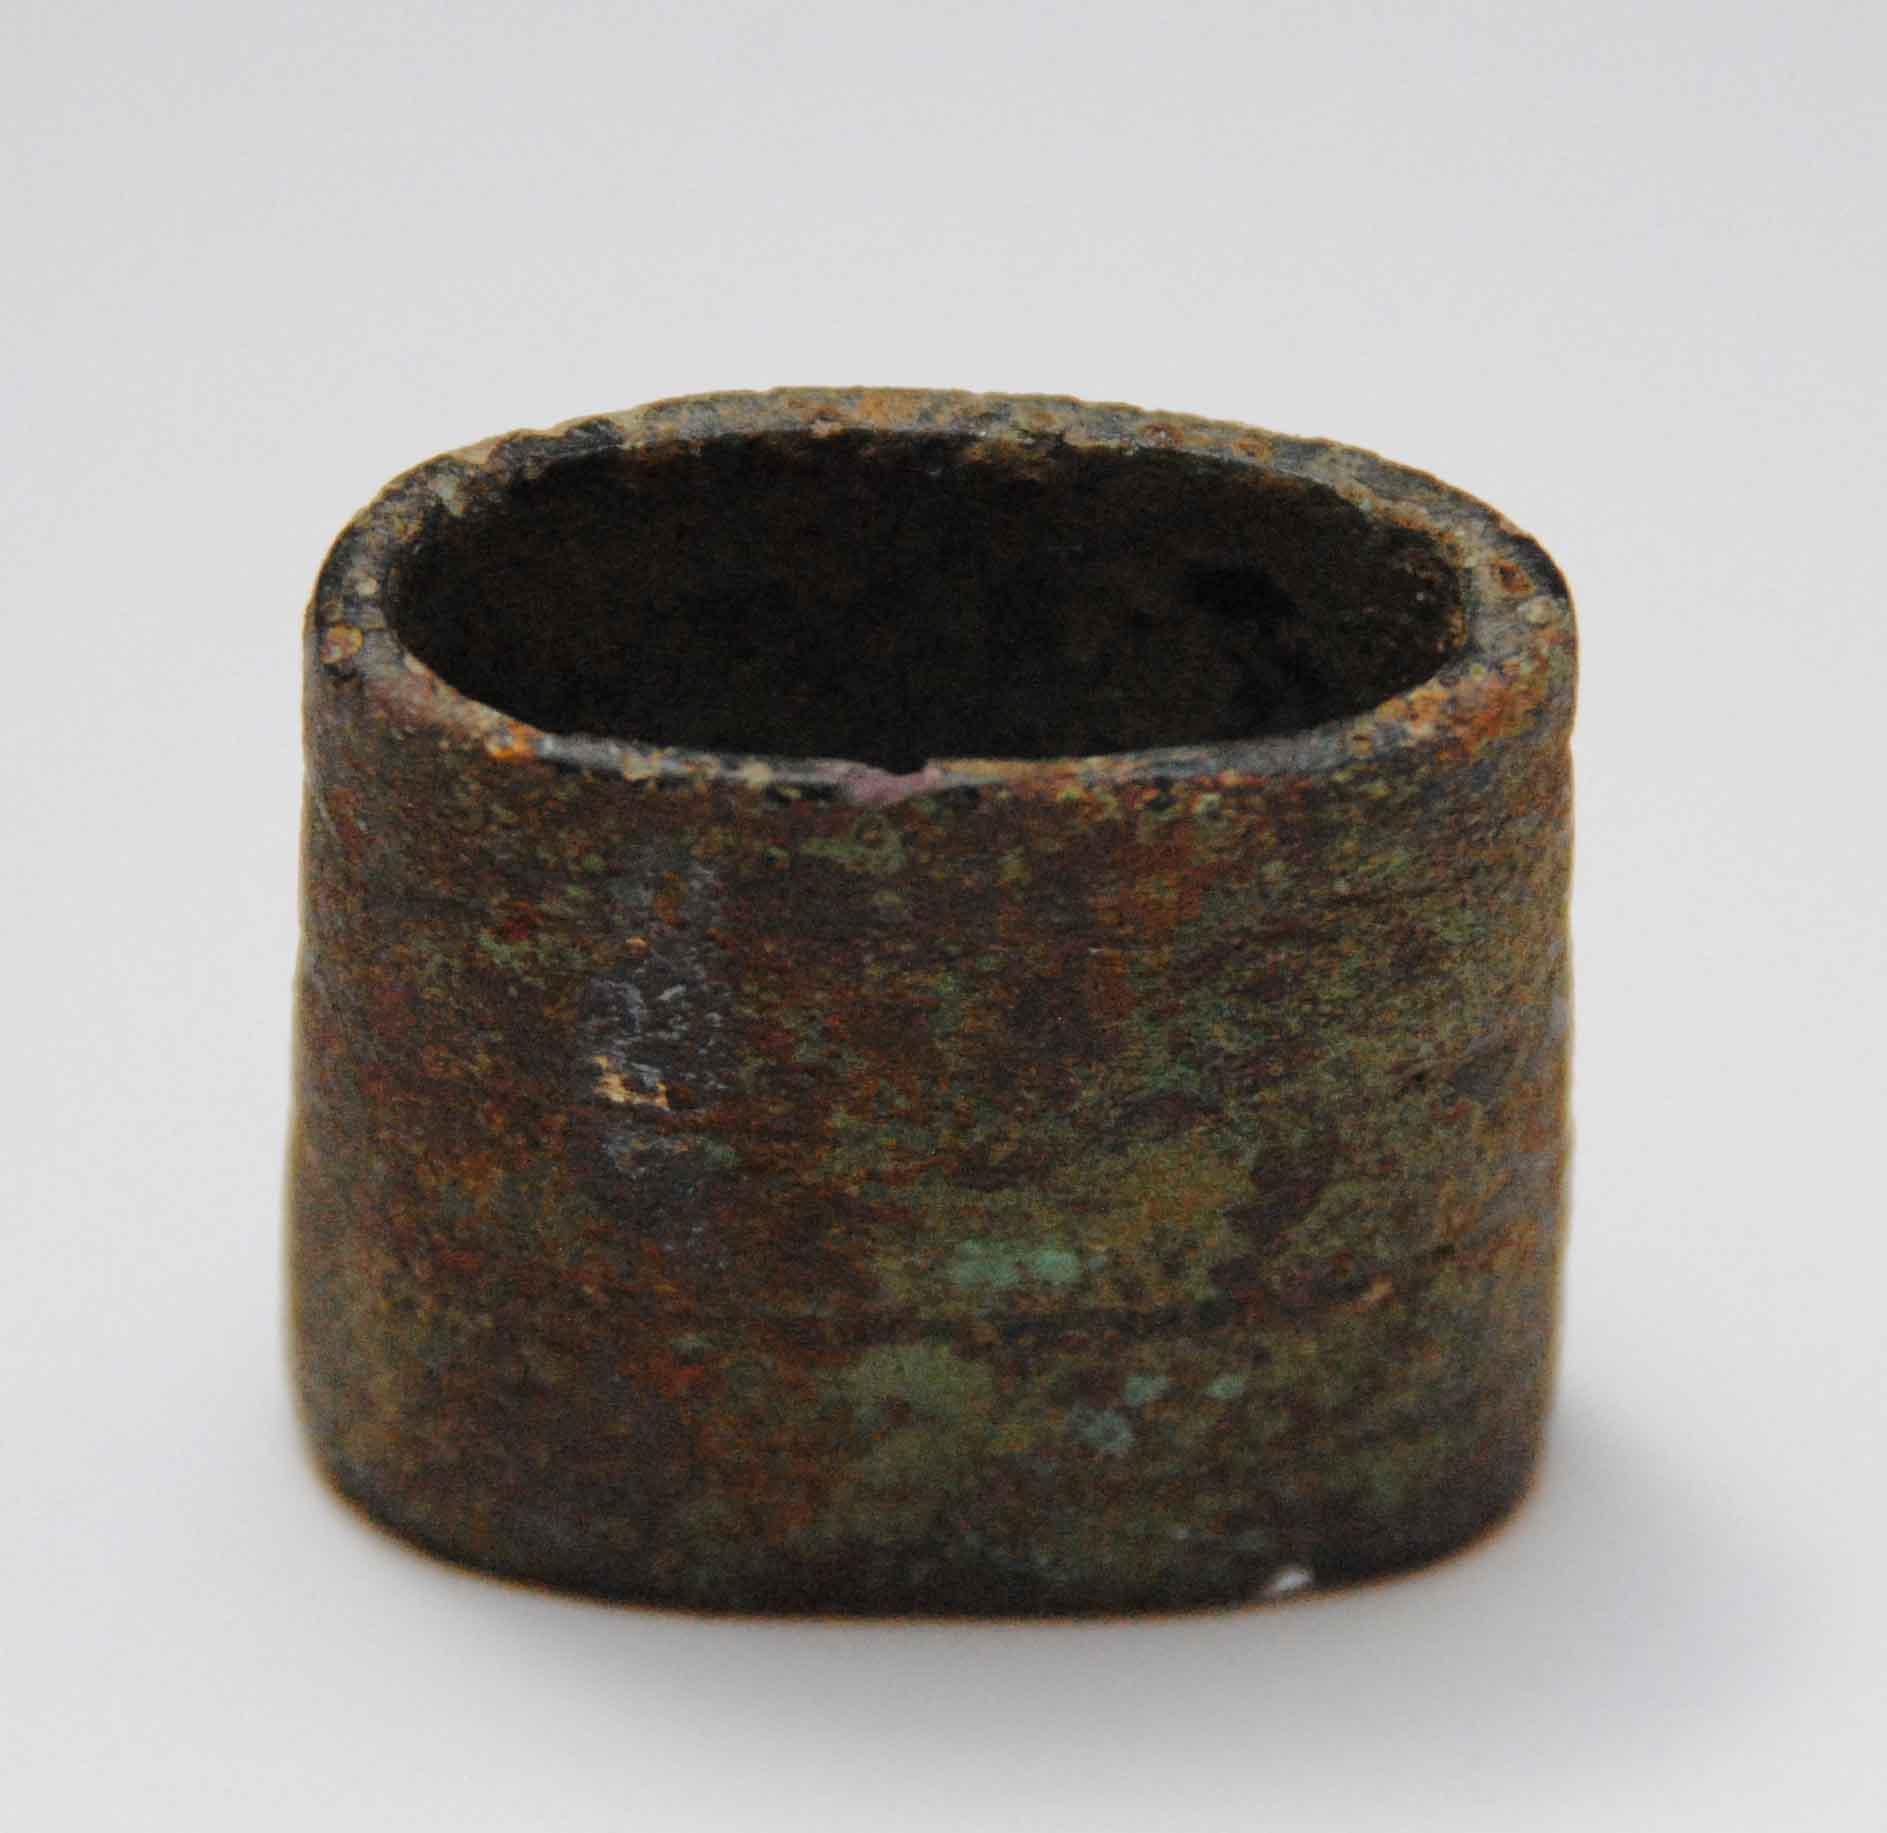 Verzierte Bronzehülse: wahrscheinlich Griff-Bestandteil eines spätmittelalerlichen Dolchs